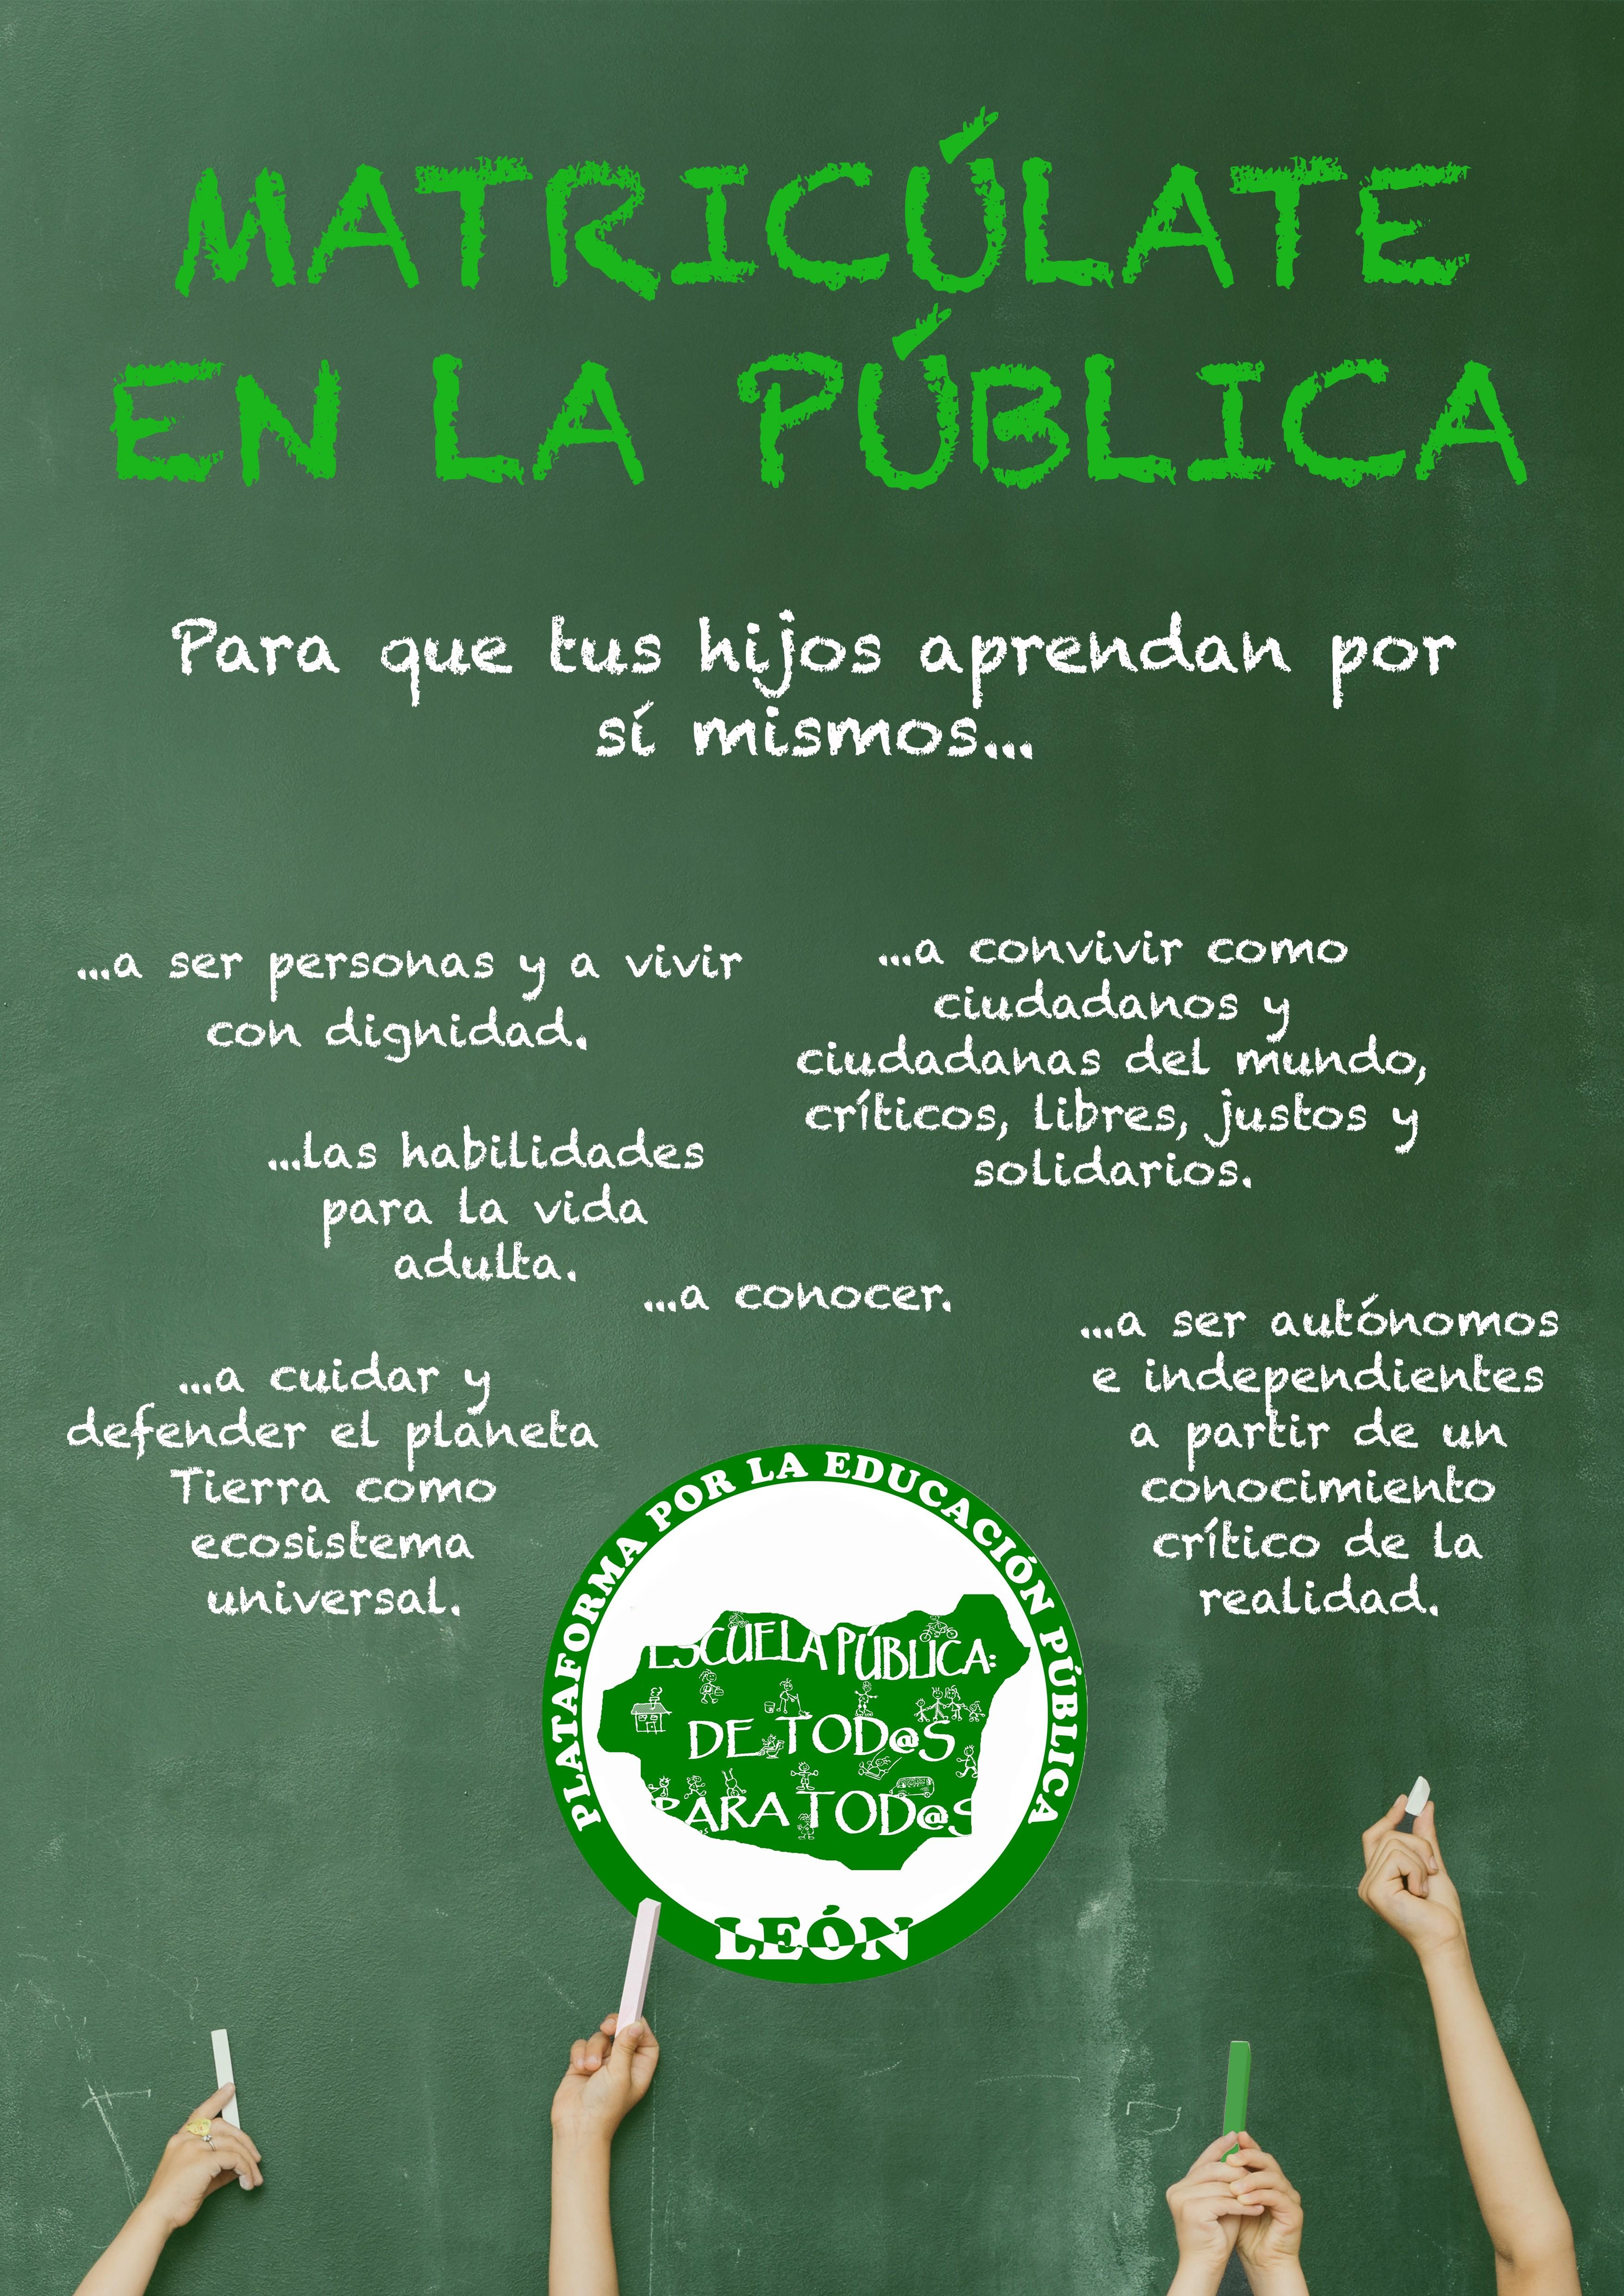 Imprimir Calendario Escolar Castilla Y Leon Actual Actualidad Le³n Of Imprimir Calendario Escolar Castilla Y Leon Más Actual Calaméo Gua Para Profesores